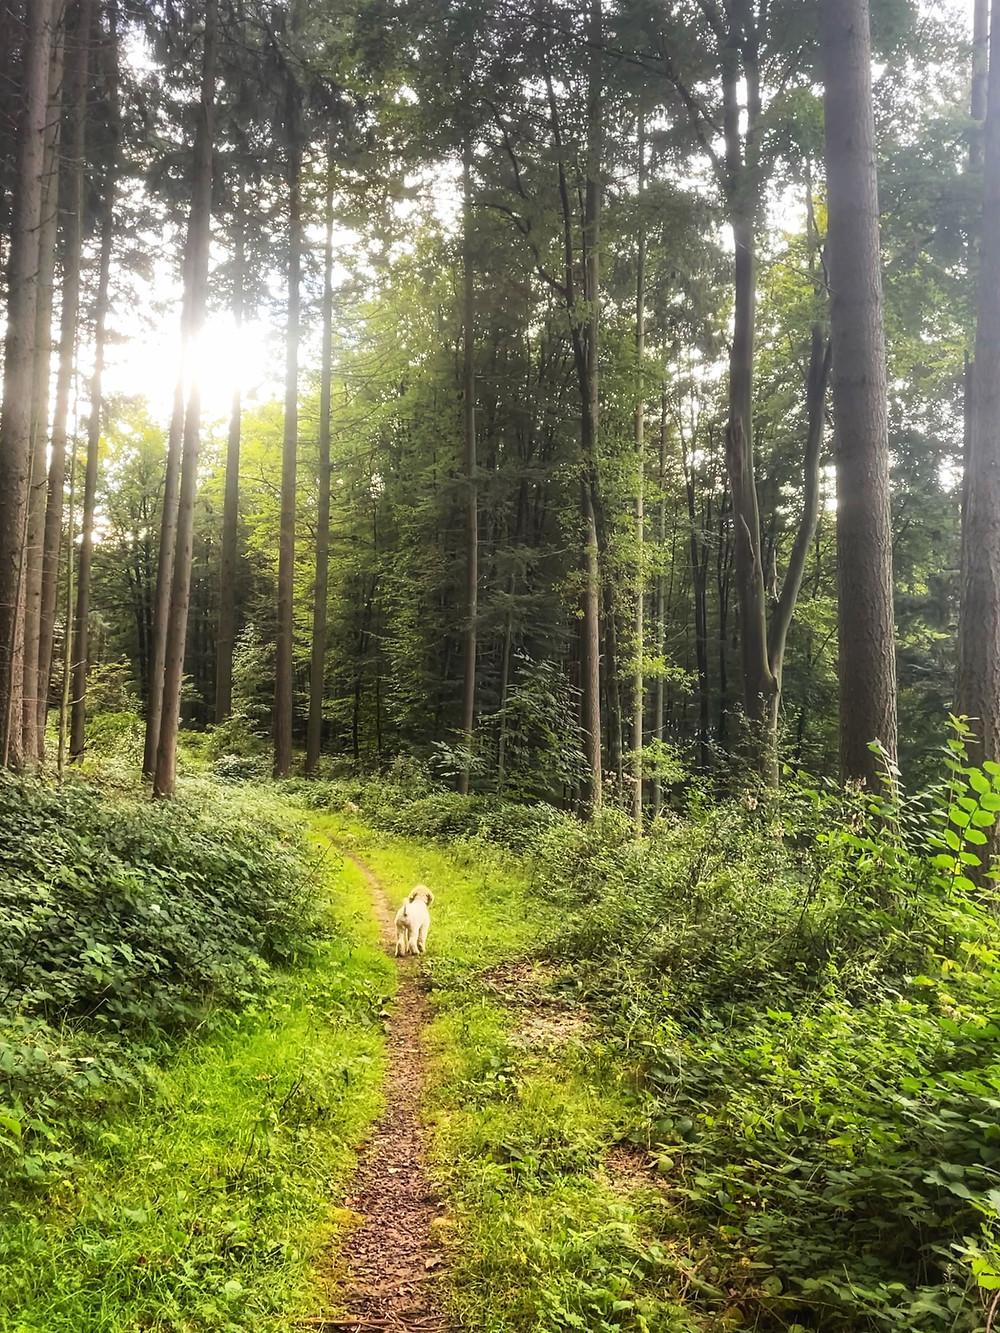 German Camino de Santiago Hiking